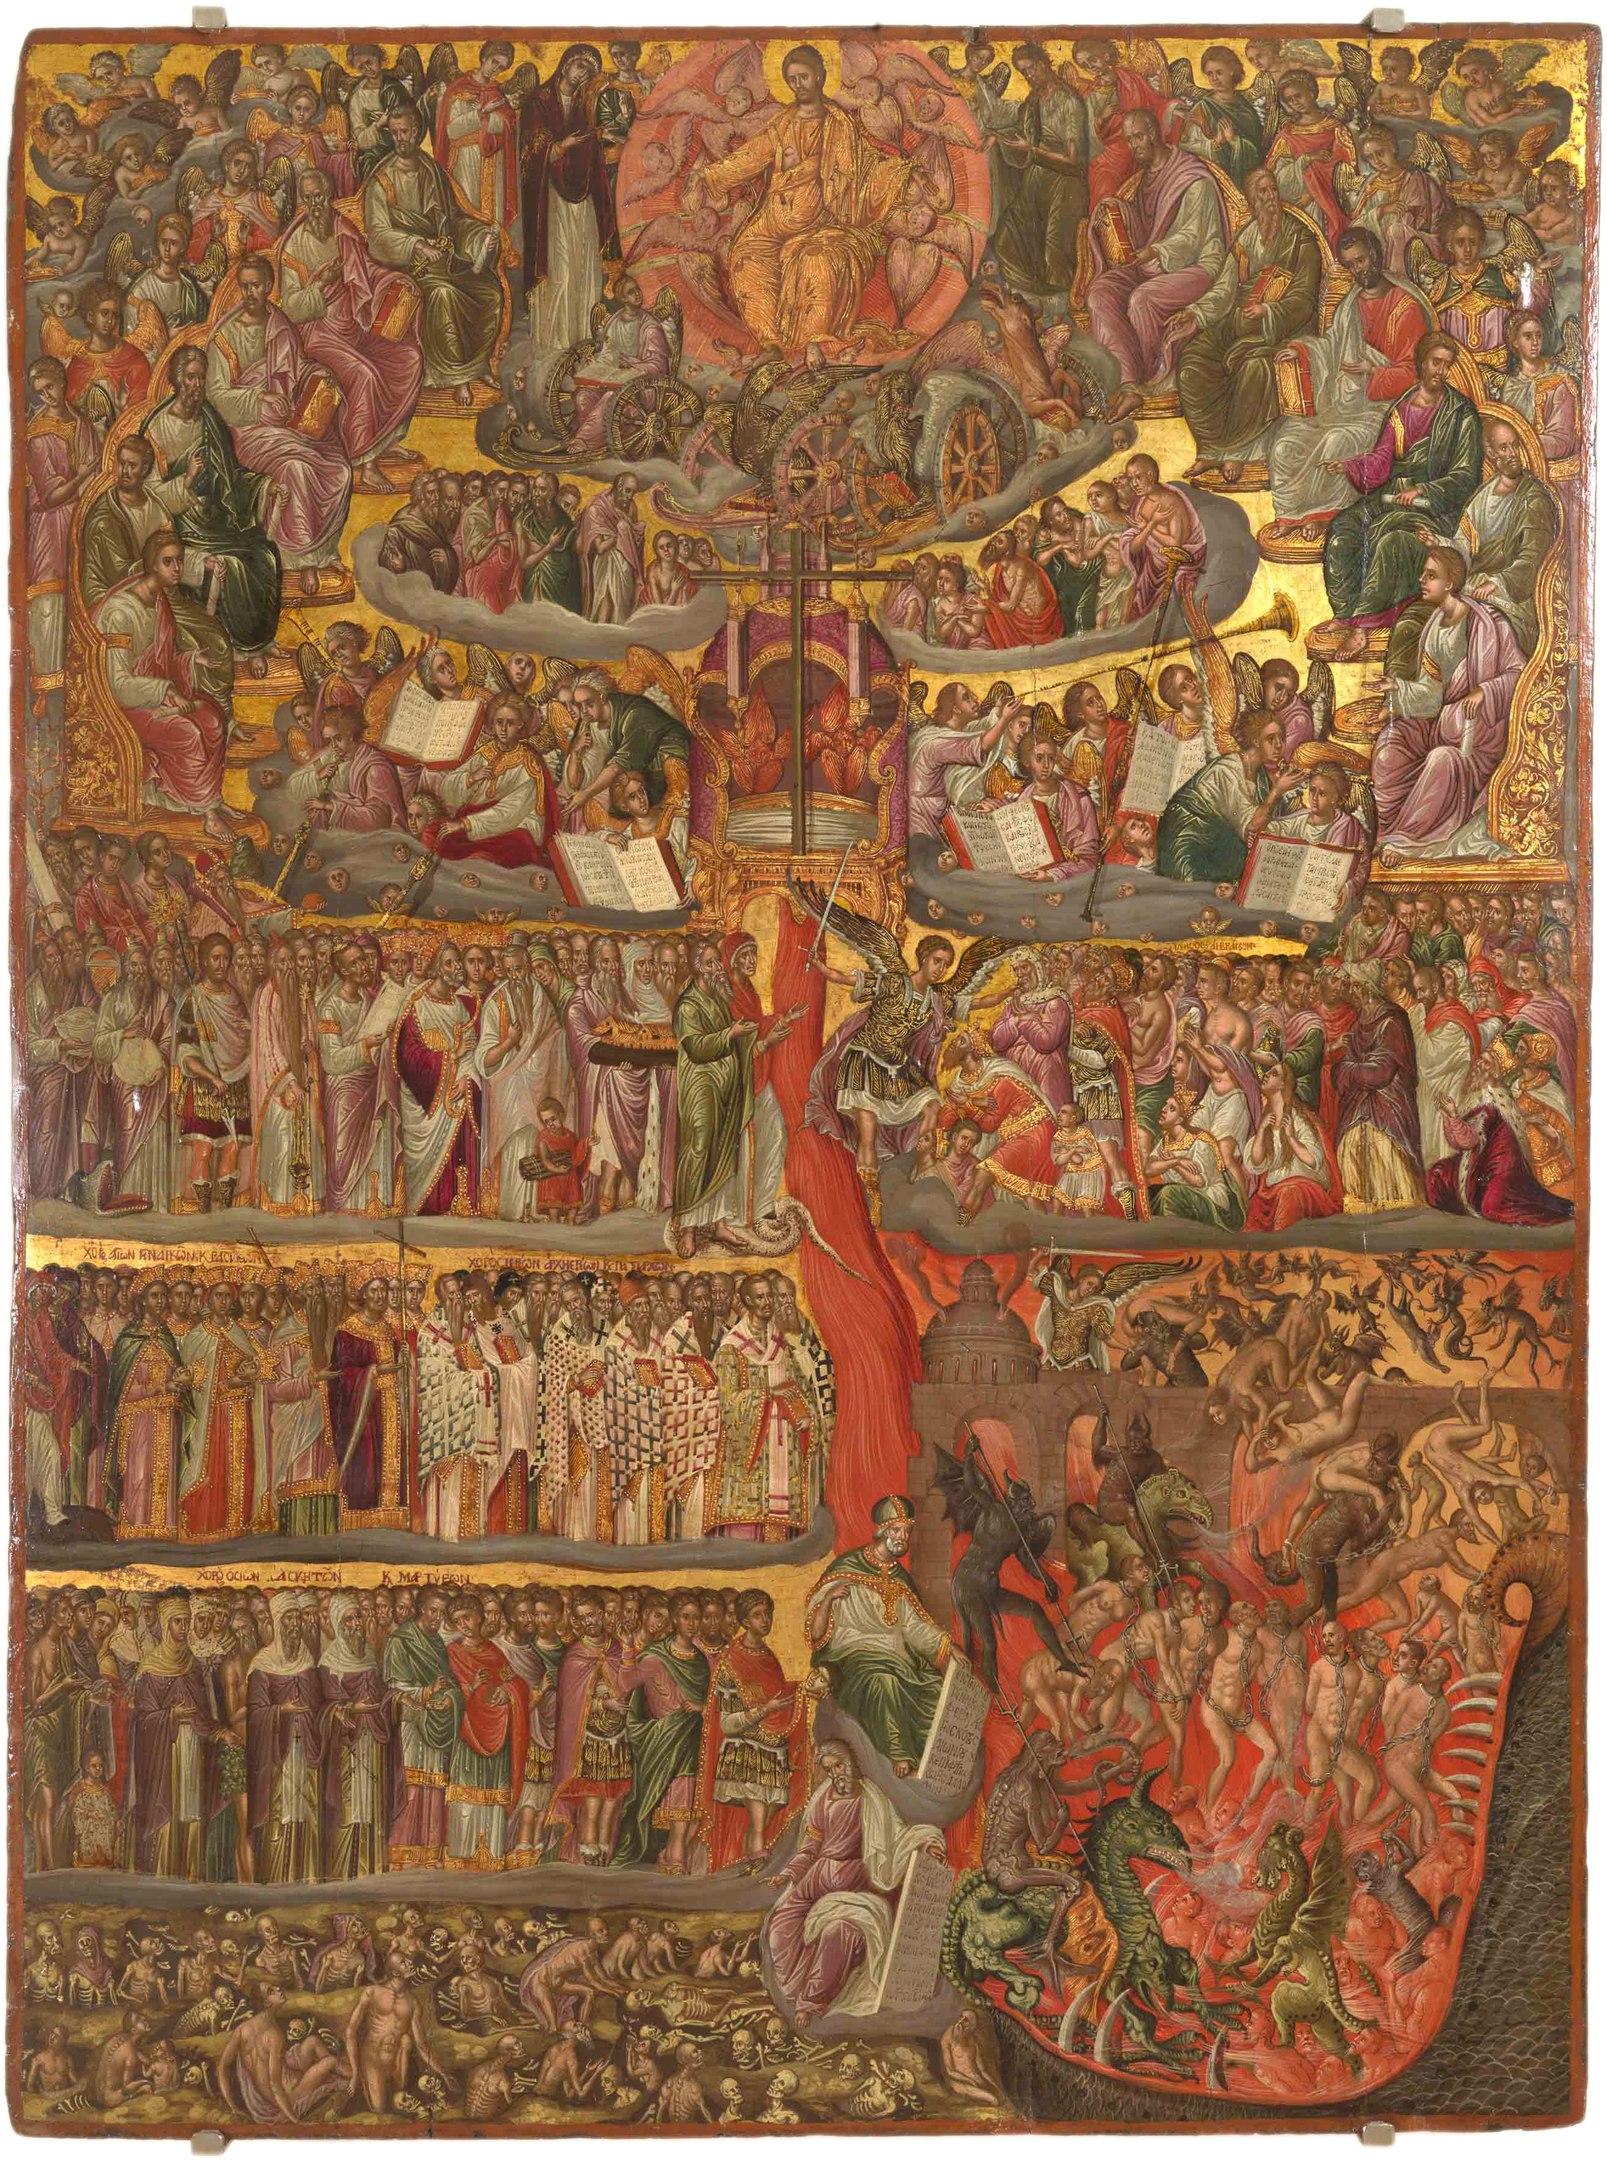 Страшни Суд. Грчка, XVI в.